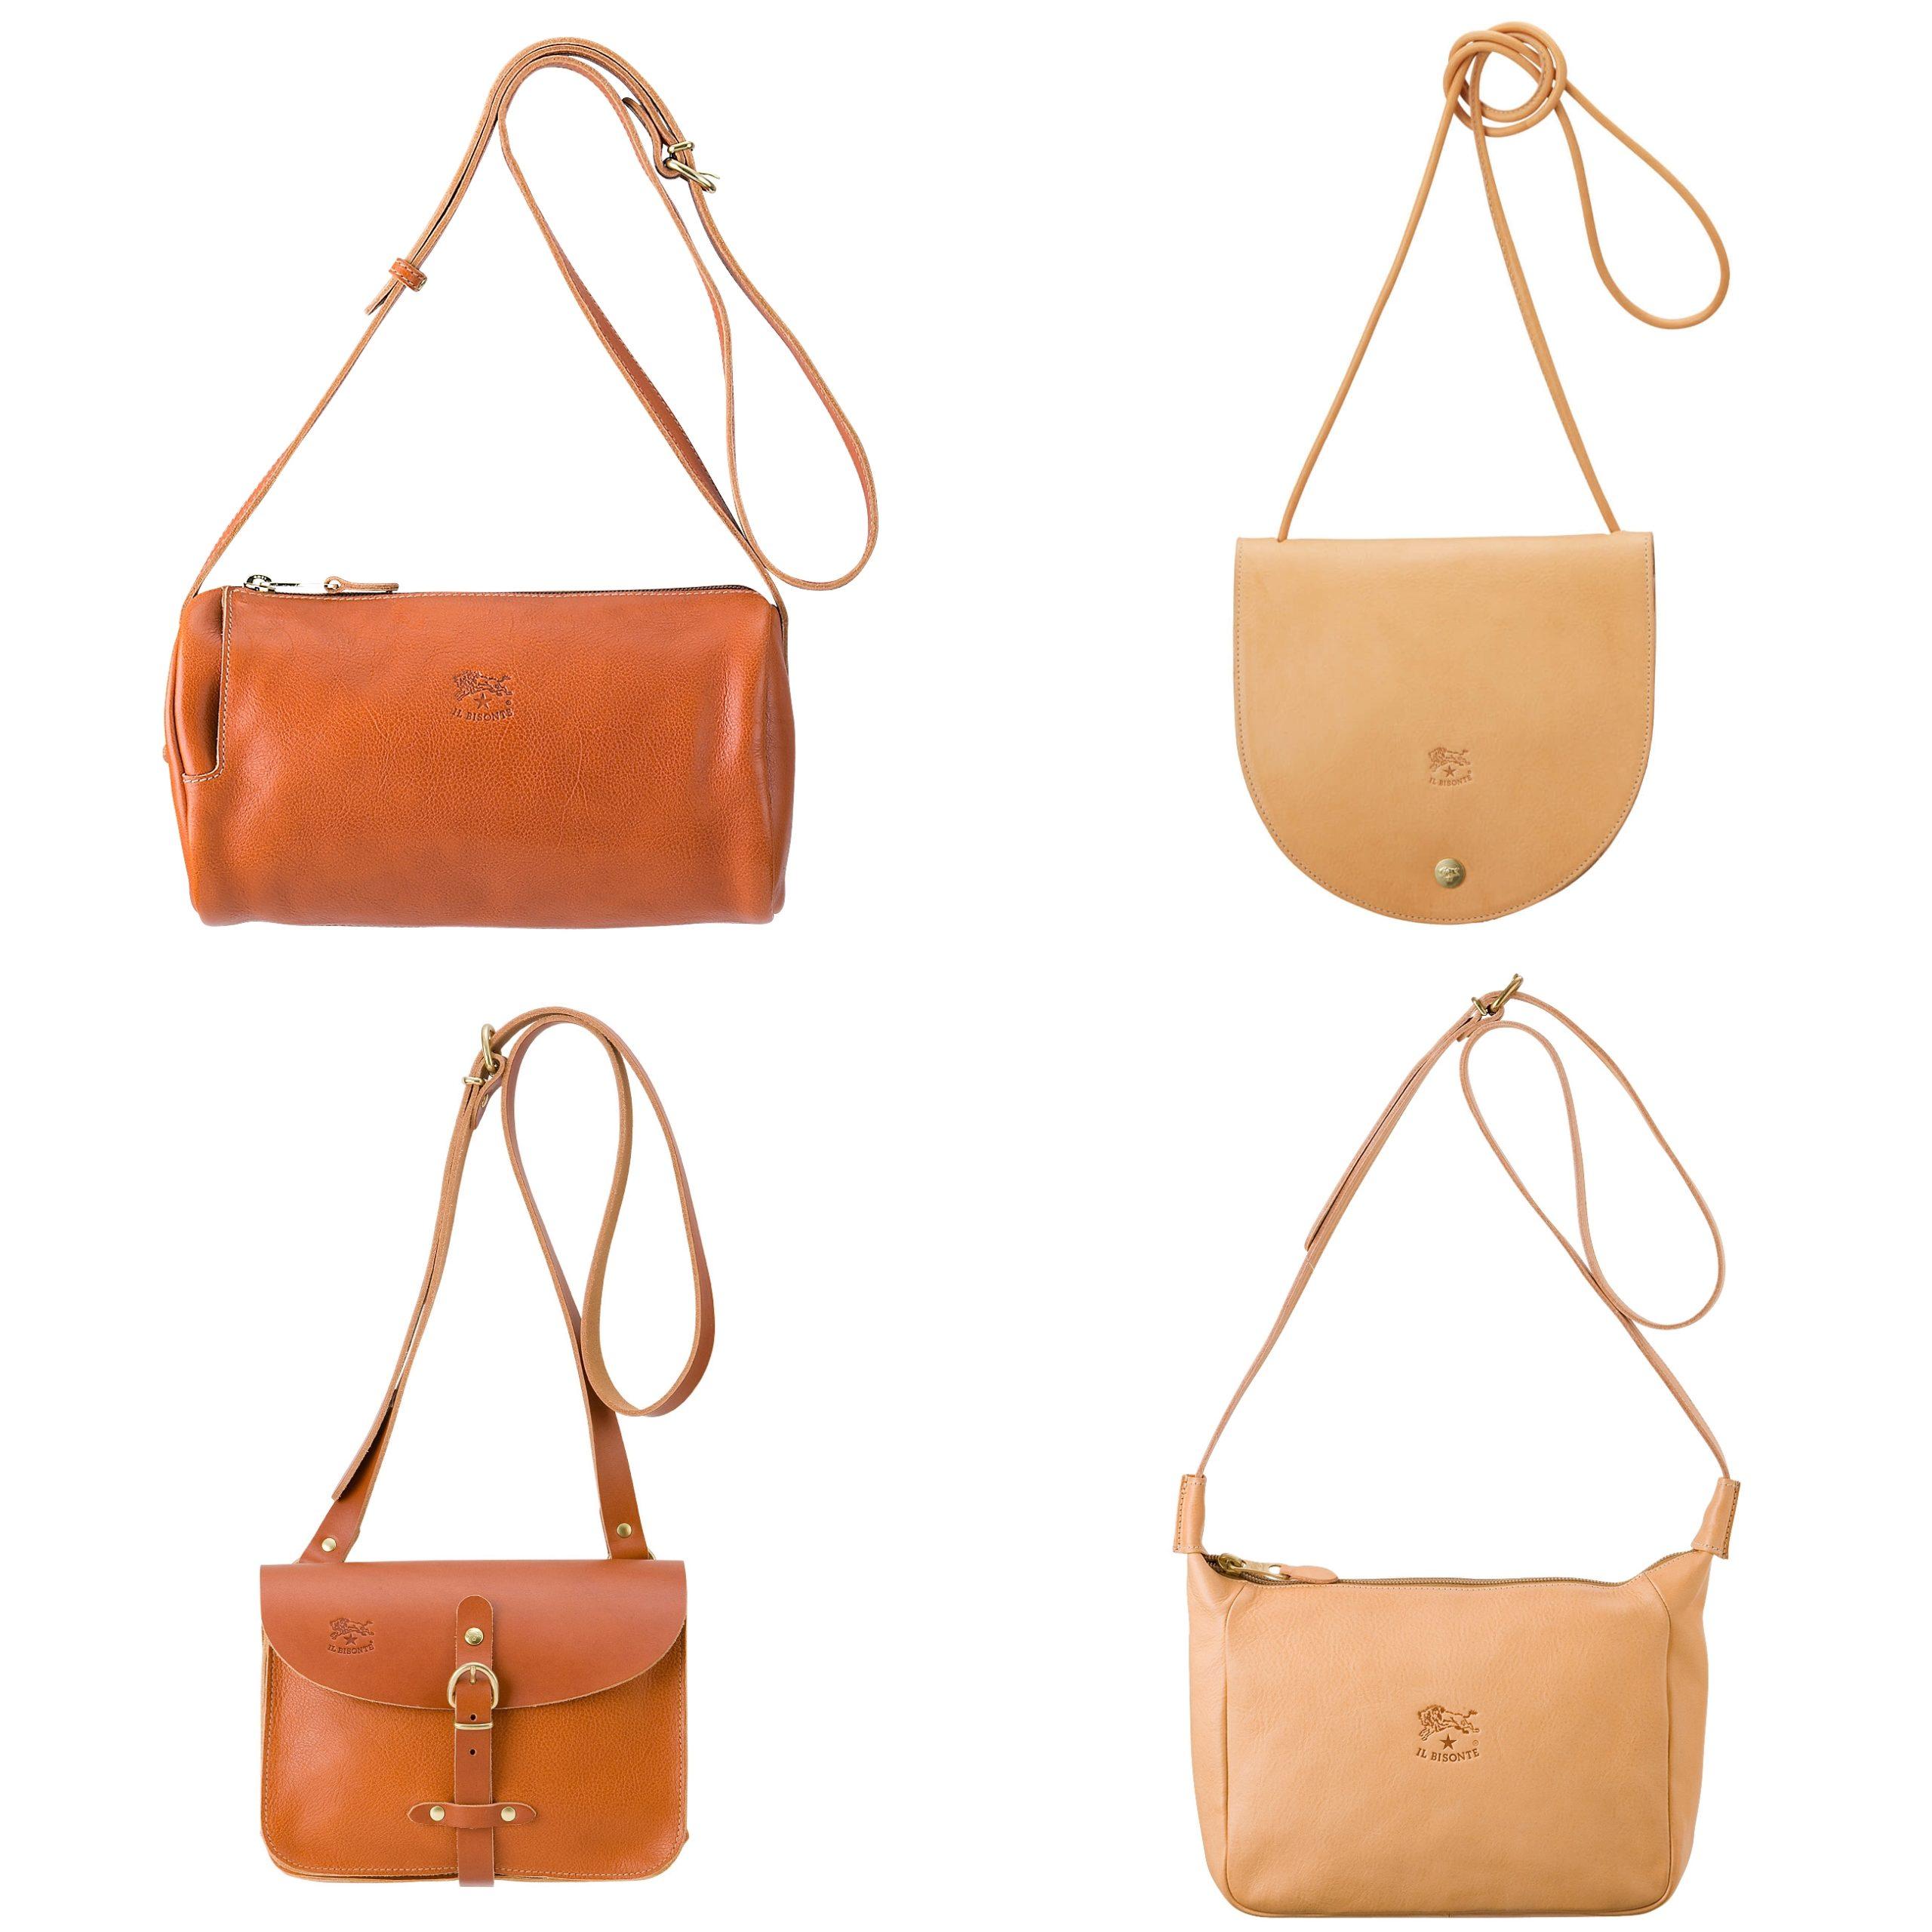 クロスボディバッグ(イルビゾンテ)Leather Bag